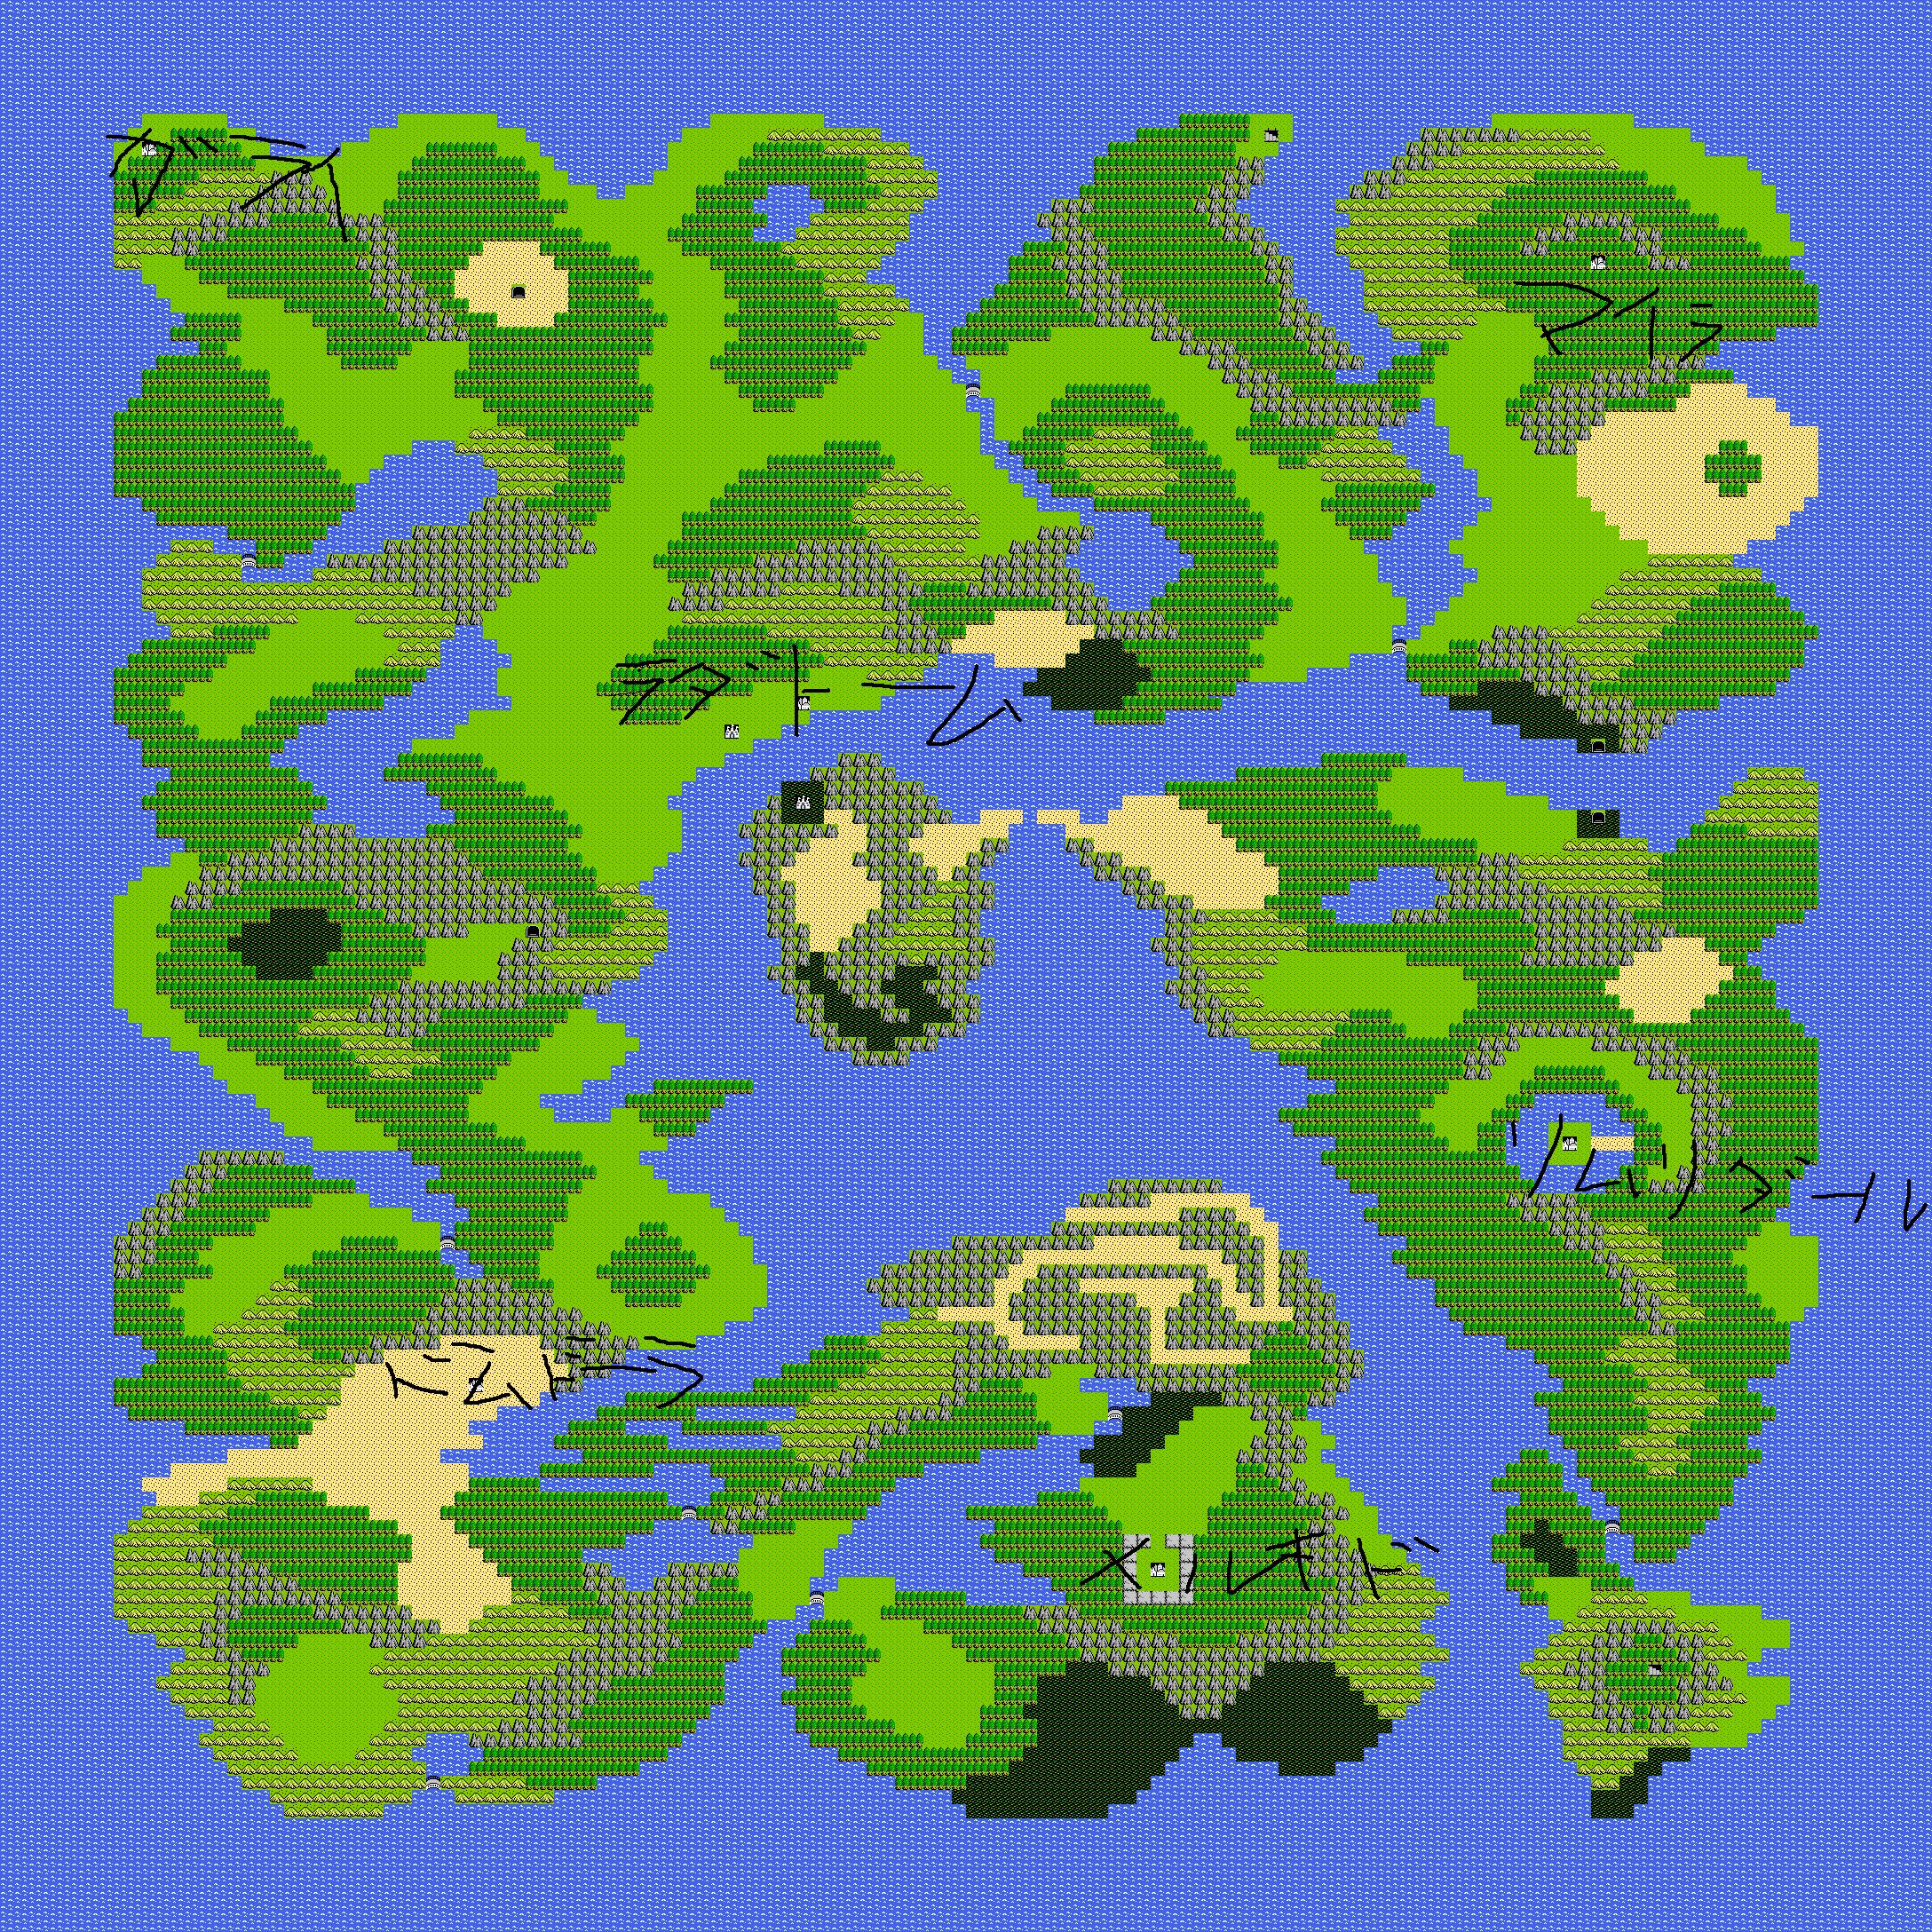 ドラゴンクエスト1世界地図 : フリー 世界地図 : 世界地図